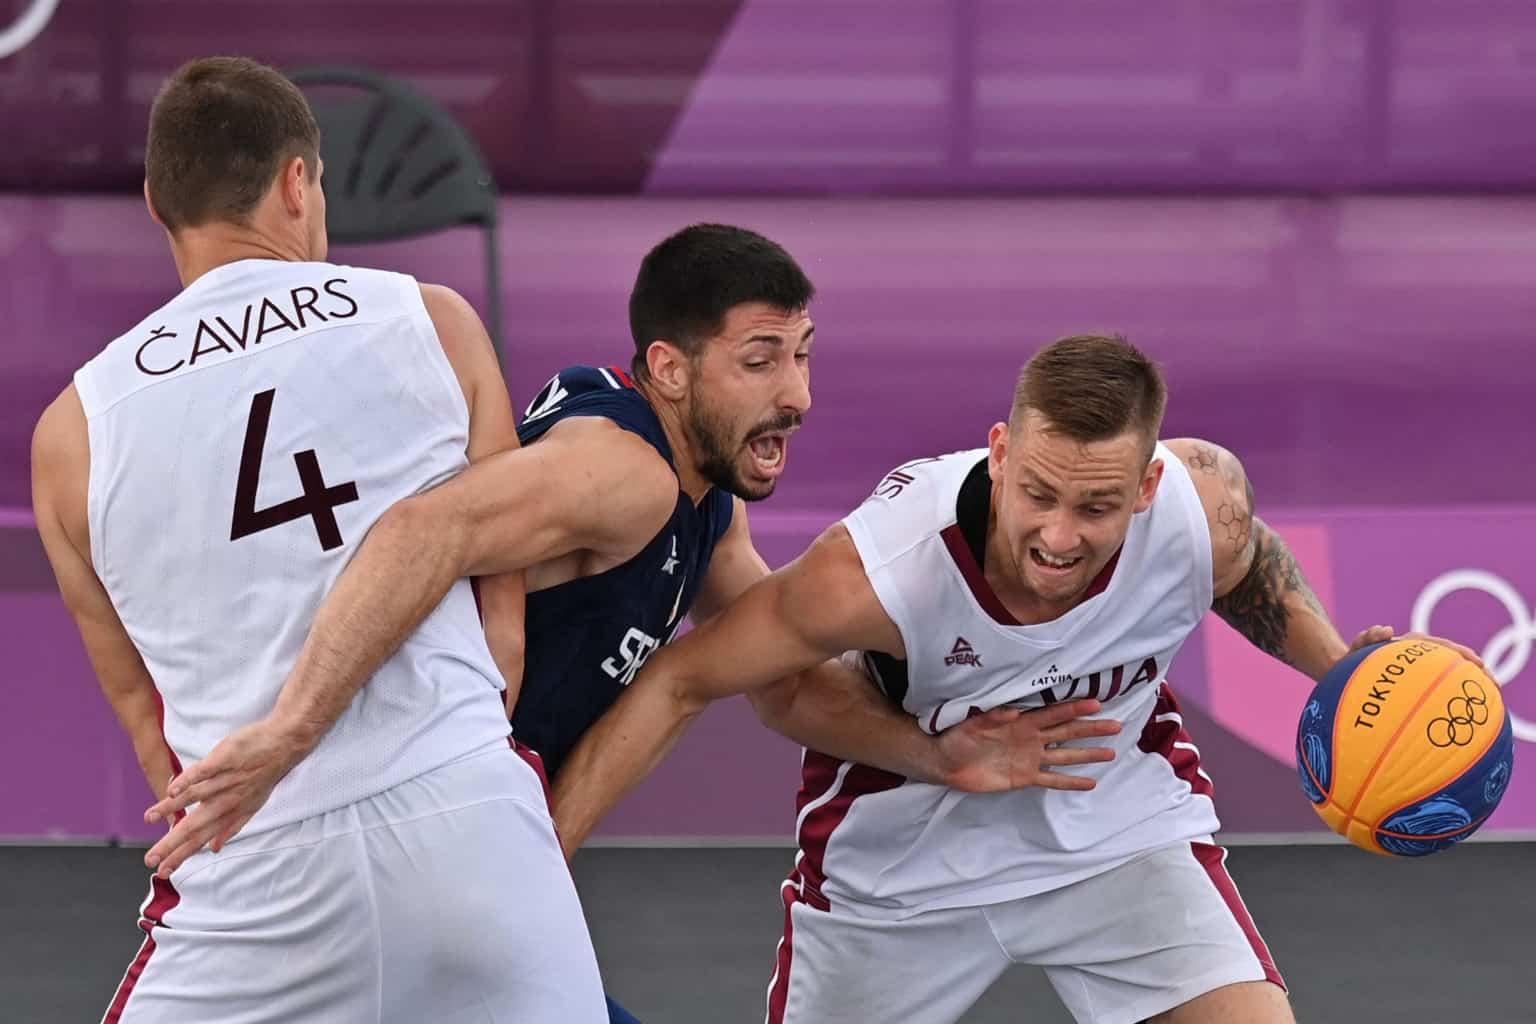 Команда Латвии по баскетболу 3×3 потерпела второе поражение на Олимпиаде